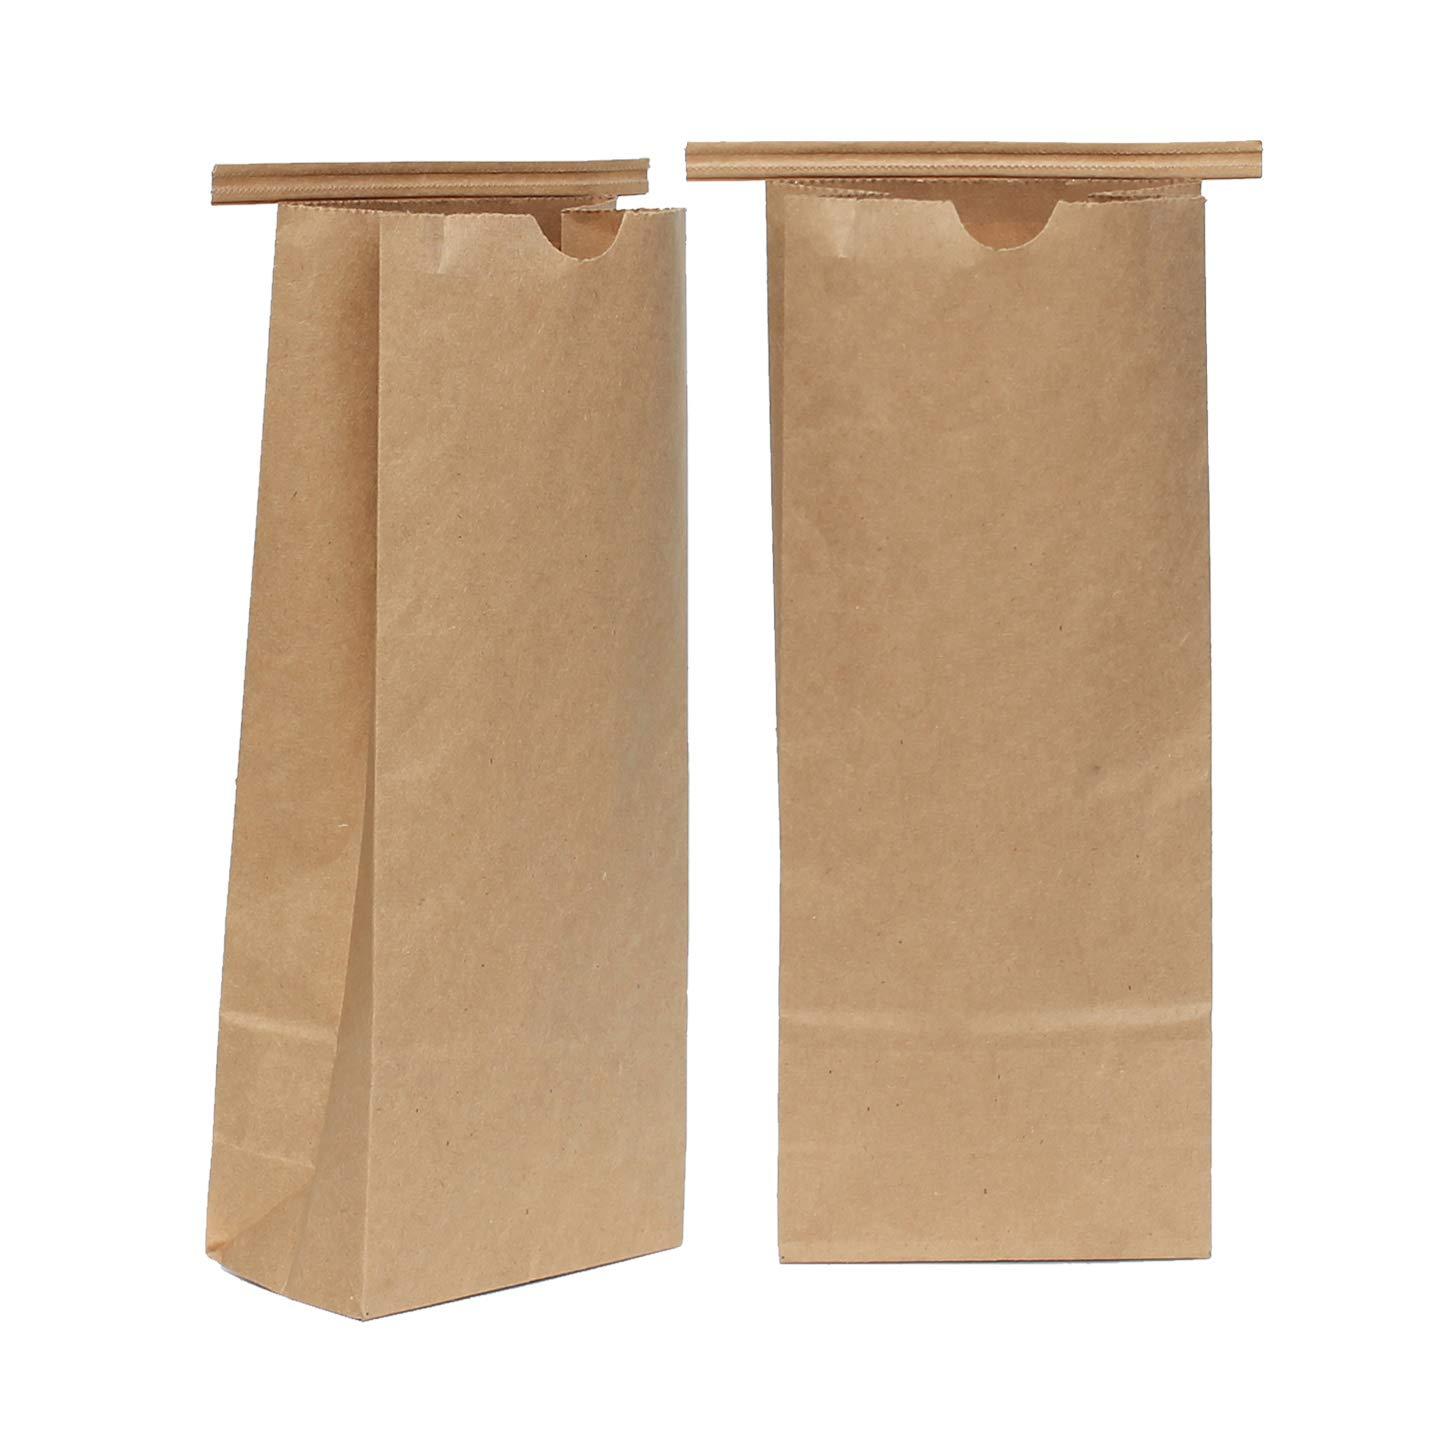 AwePackage 1 lbs(16 oz) Compostable Kraft Paper Tin Tie Bag (100)